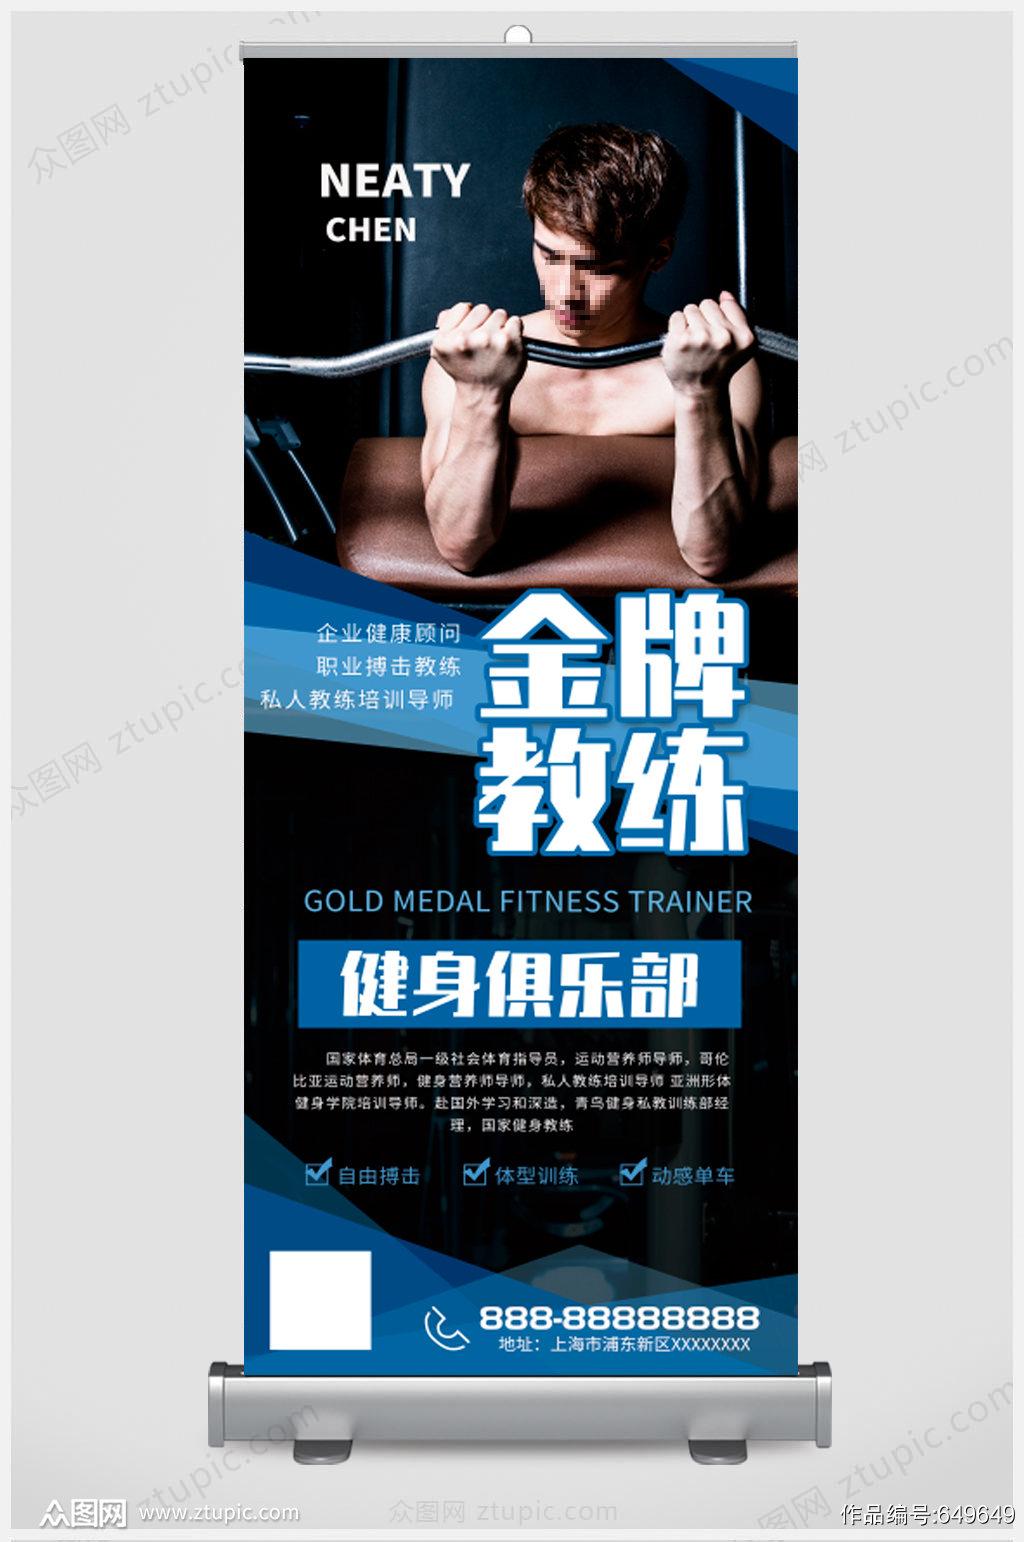 健身房金牌教练宣传展板素材